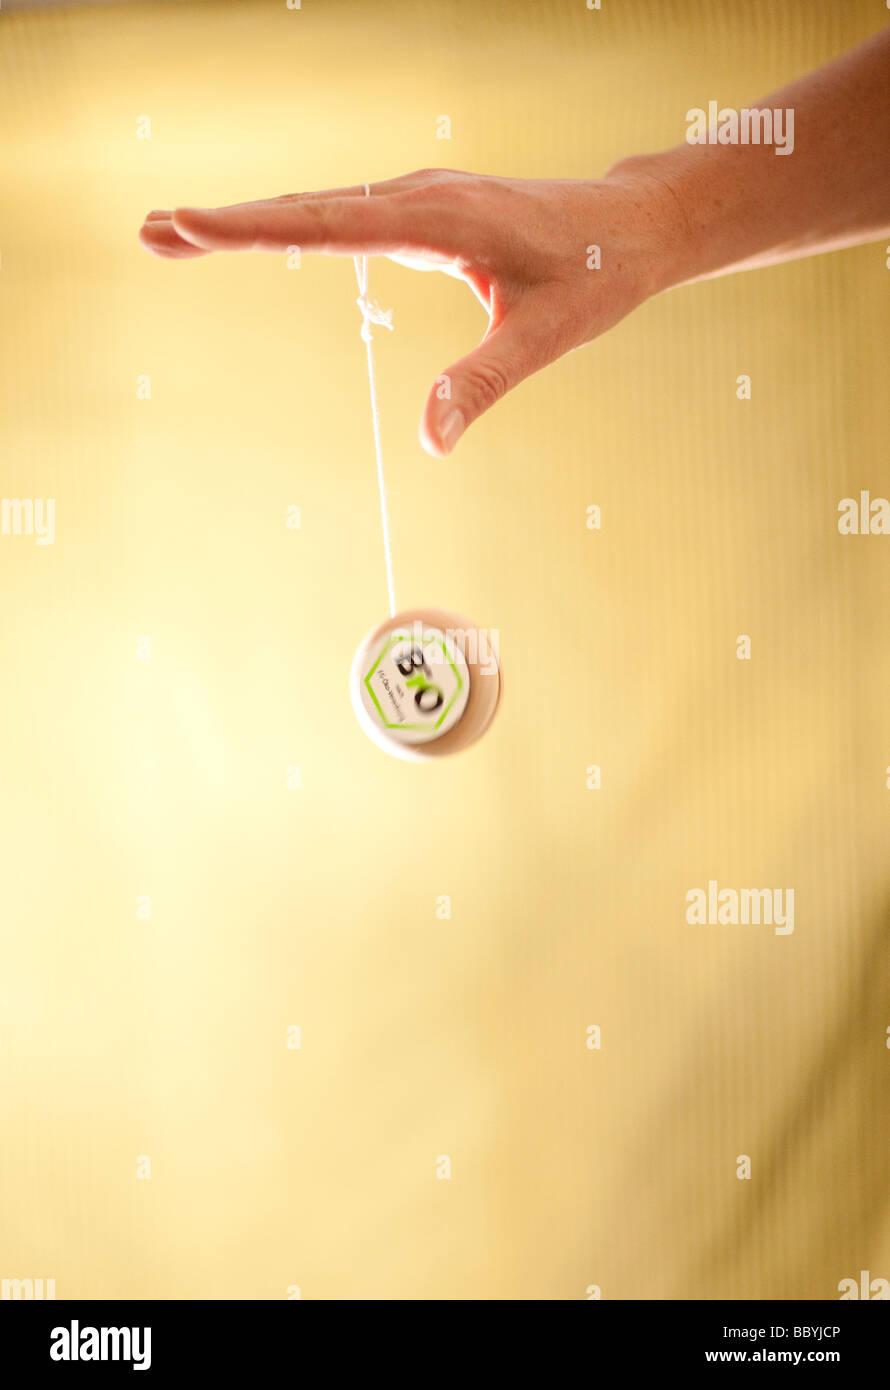 EU Biologo Hand playing with yoyo with an EU Eco logo Stock Photo